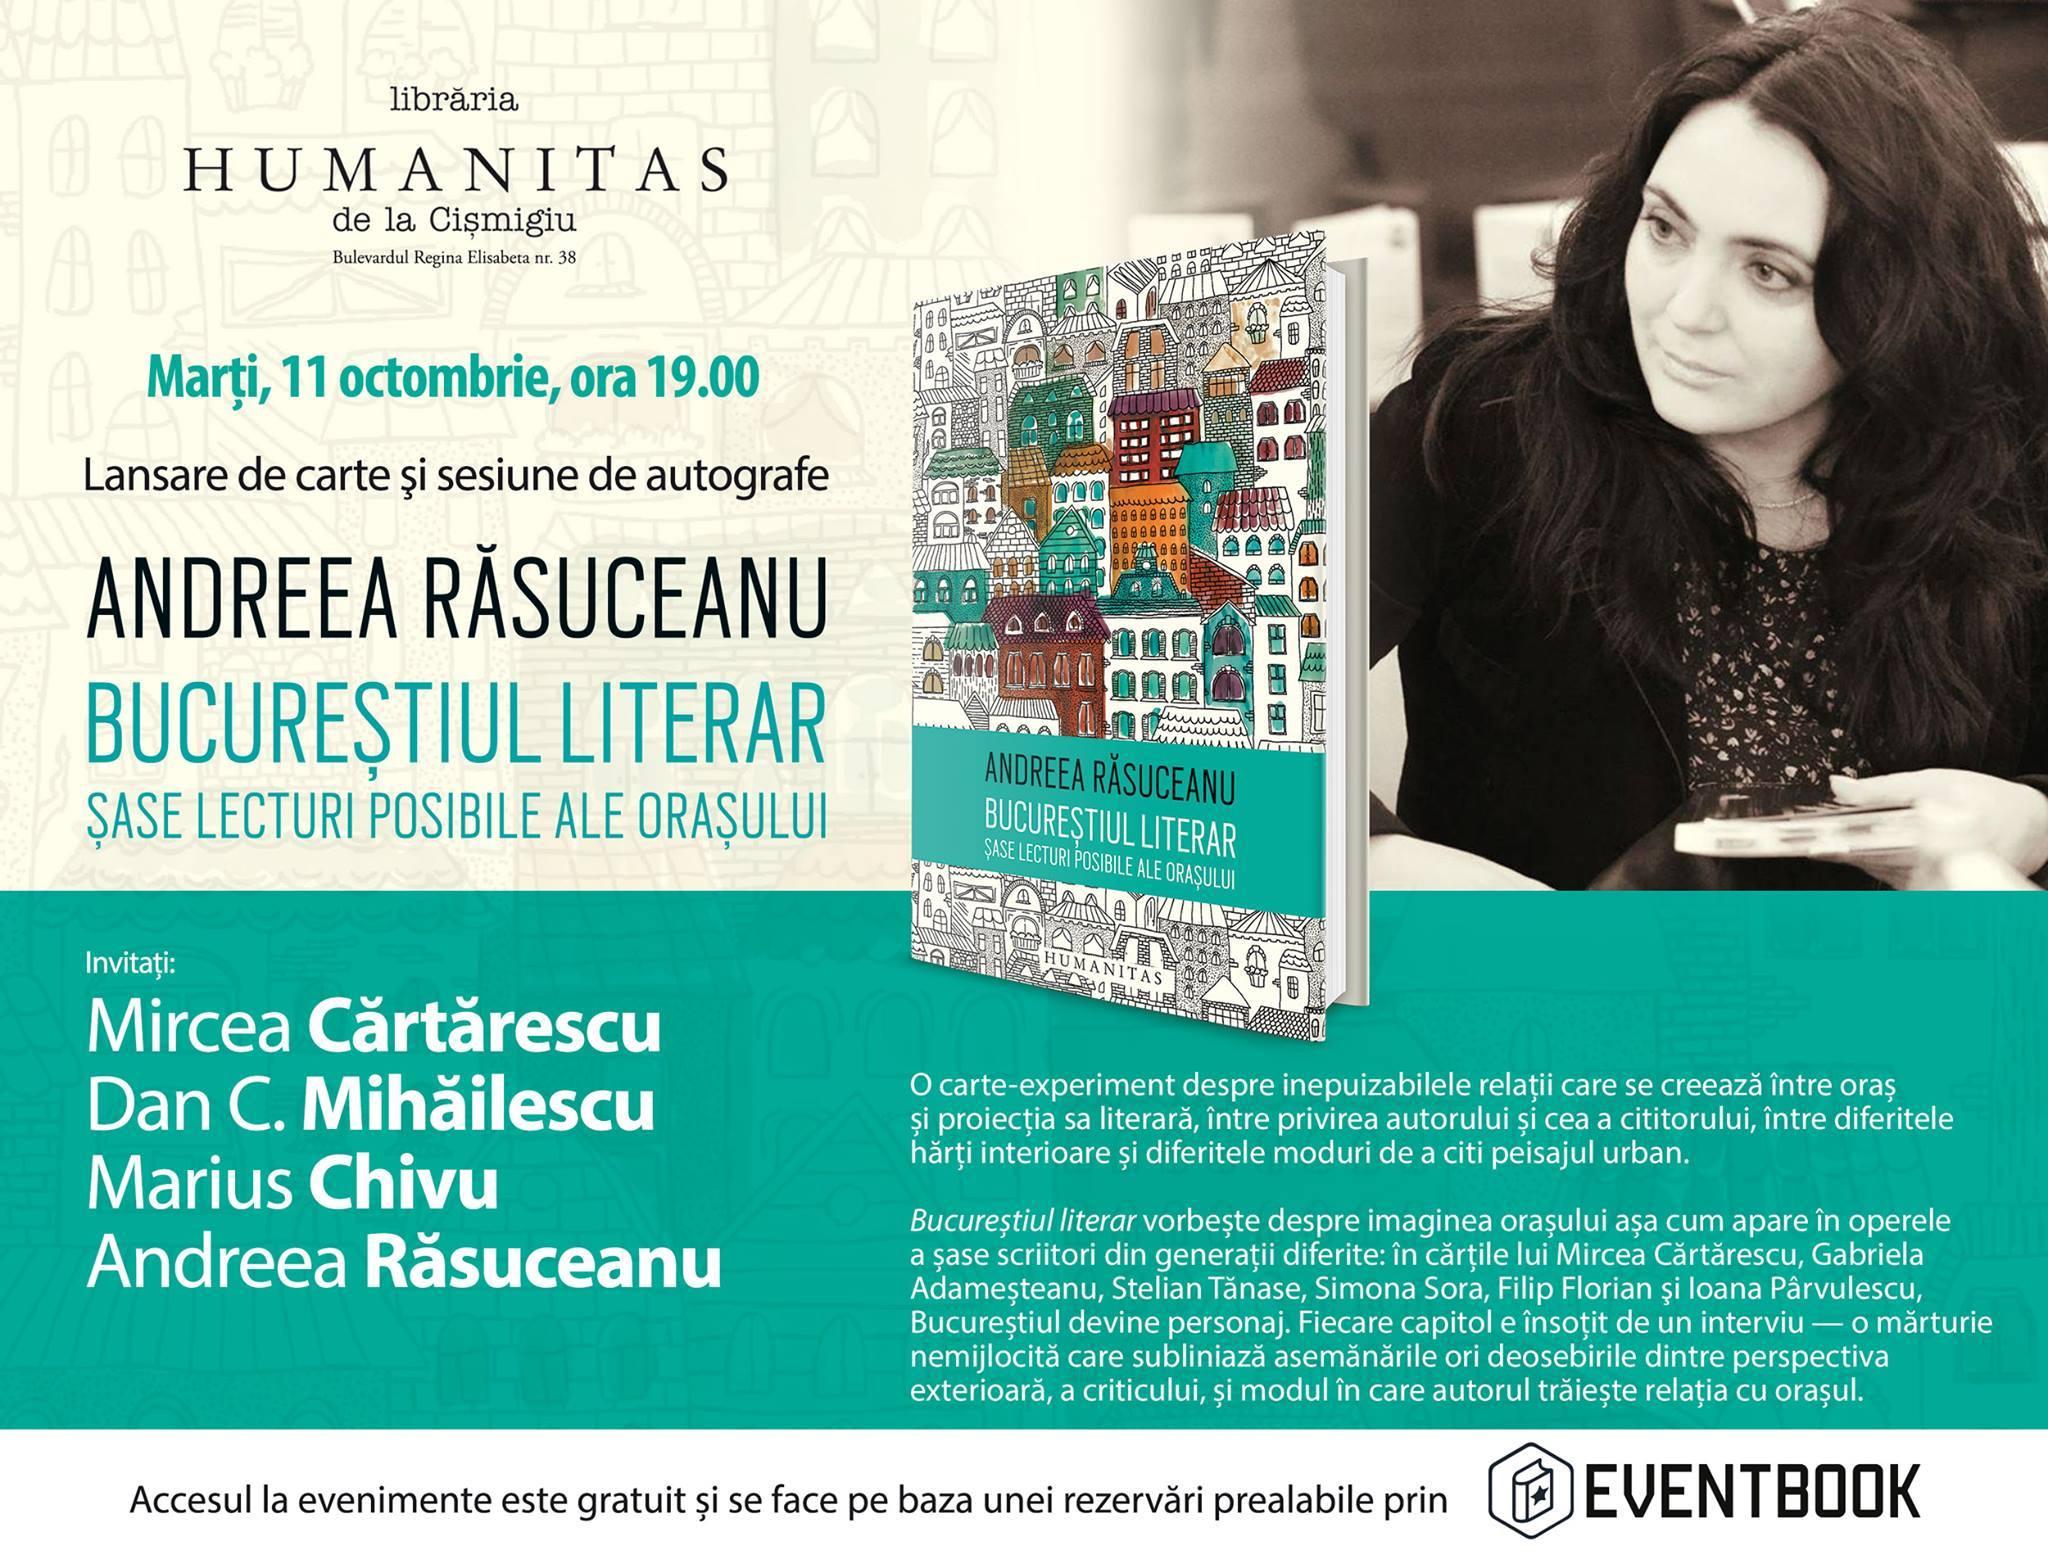 """""""Bucureştiul literar"""" în dezbatere la Librăria de la Cişmigiu"""